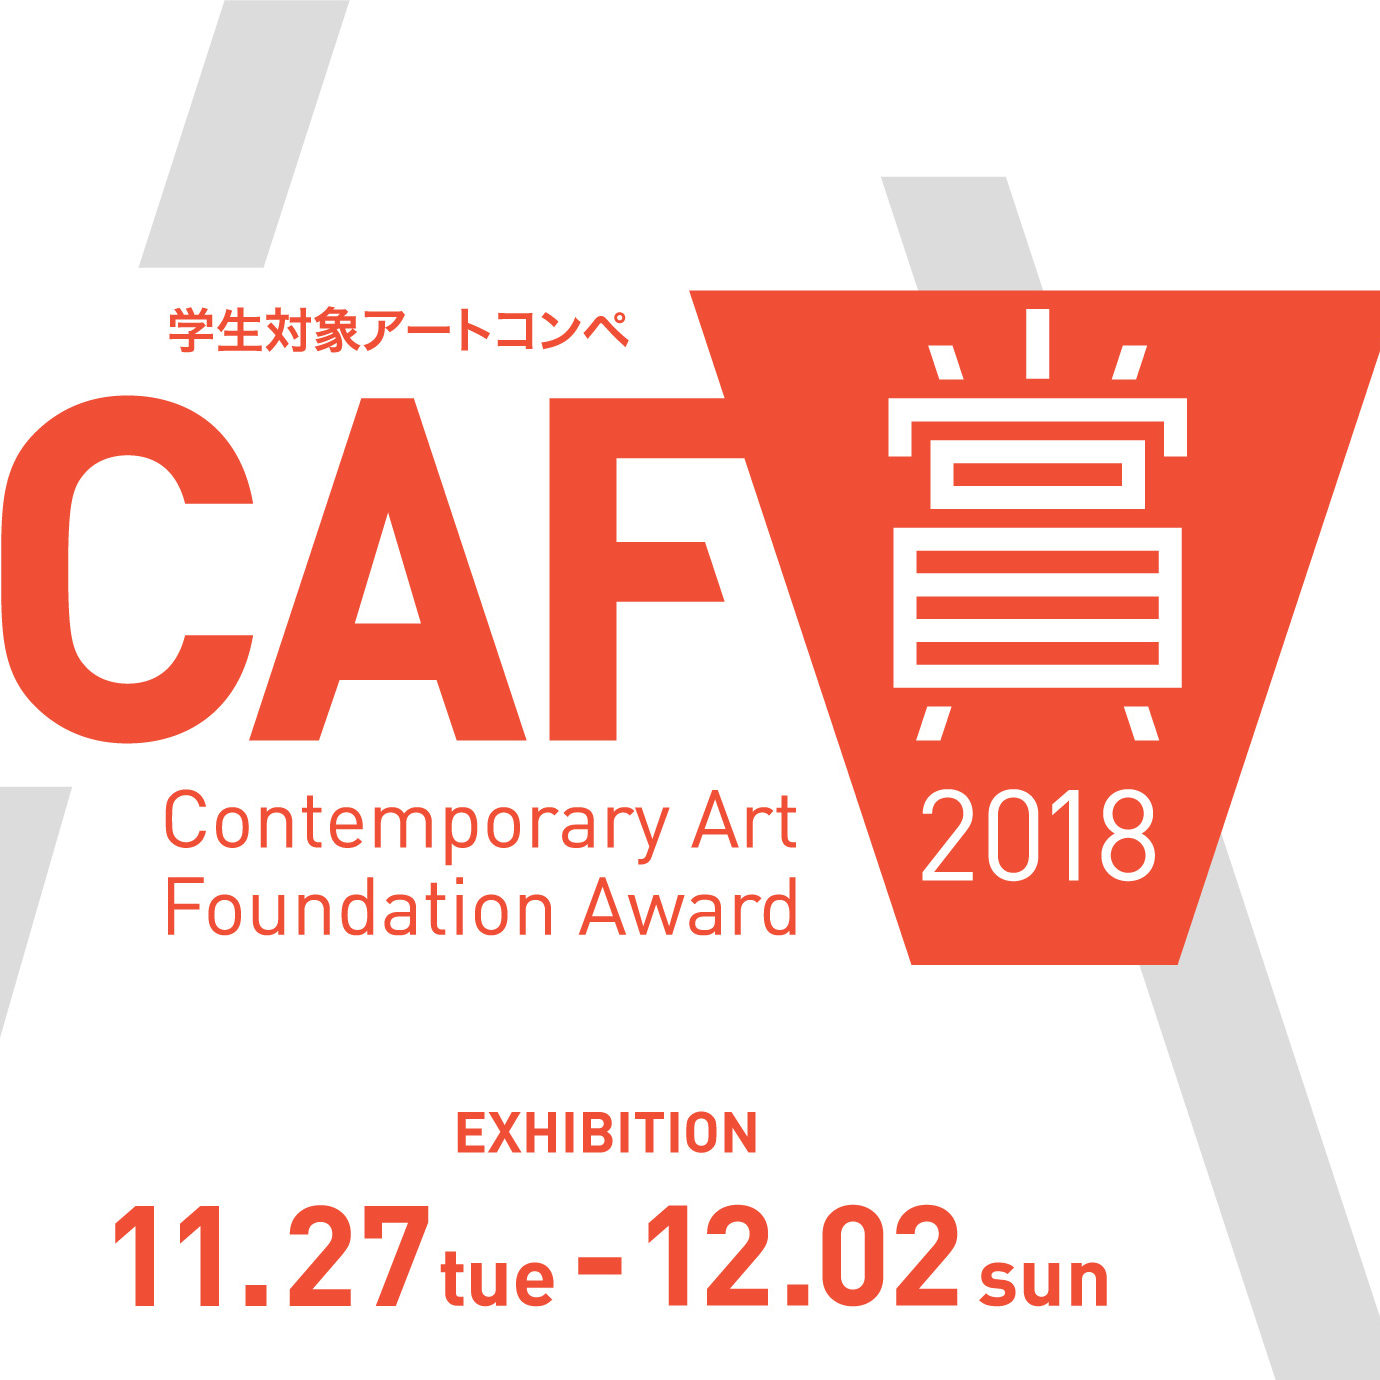 落合安奈さん、京都へ巡回展 & CAF賞入選作品展覧会に参加!